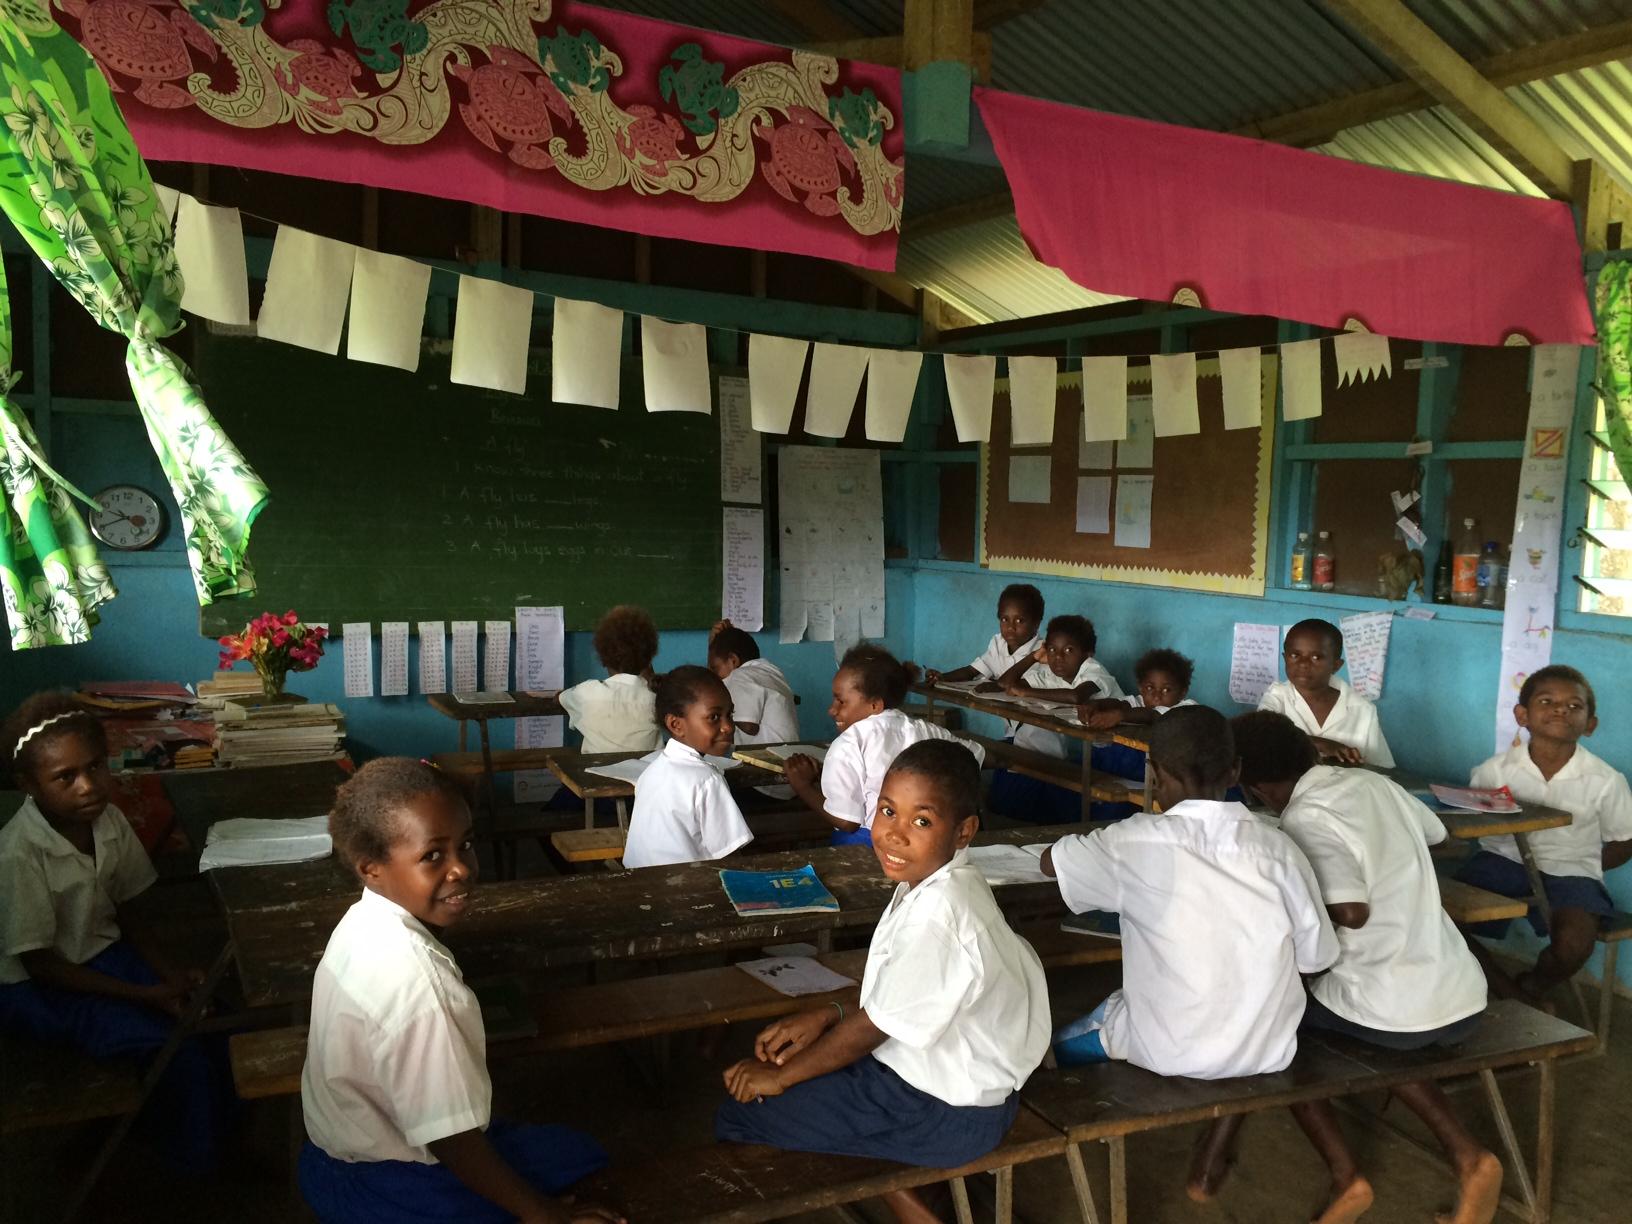 Iethvekar Vanuatu-working hard